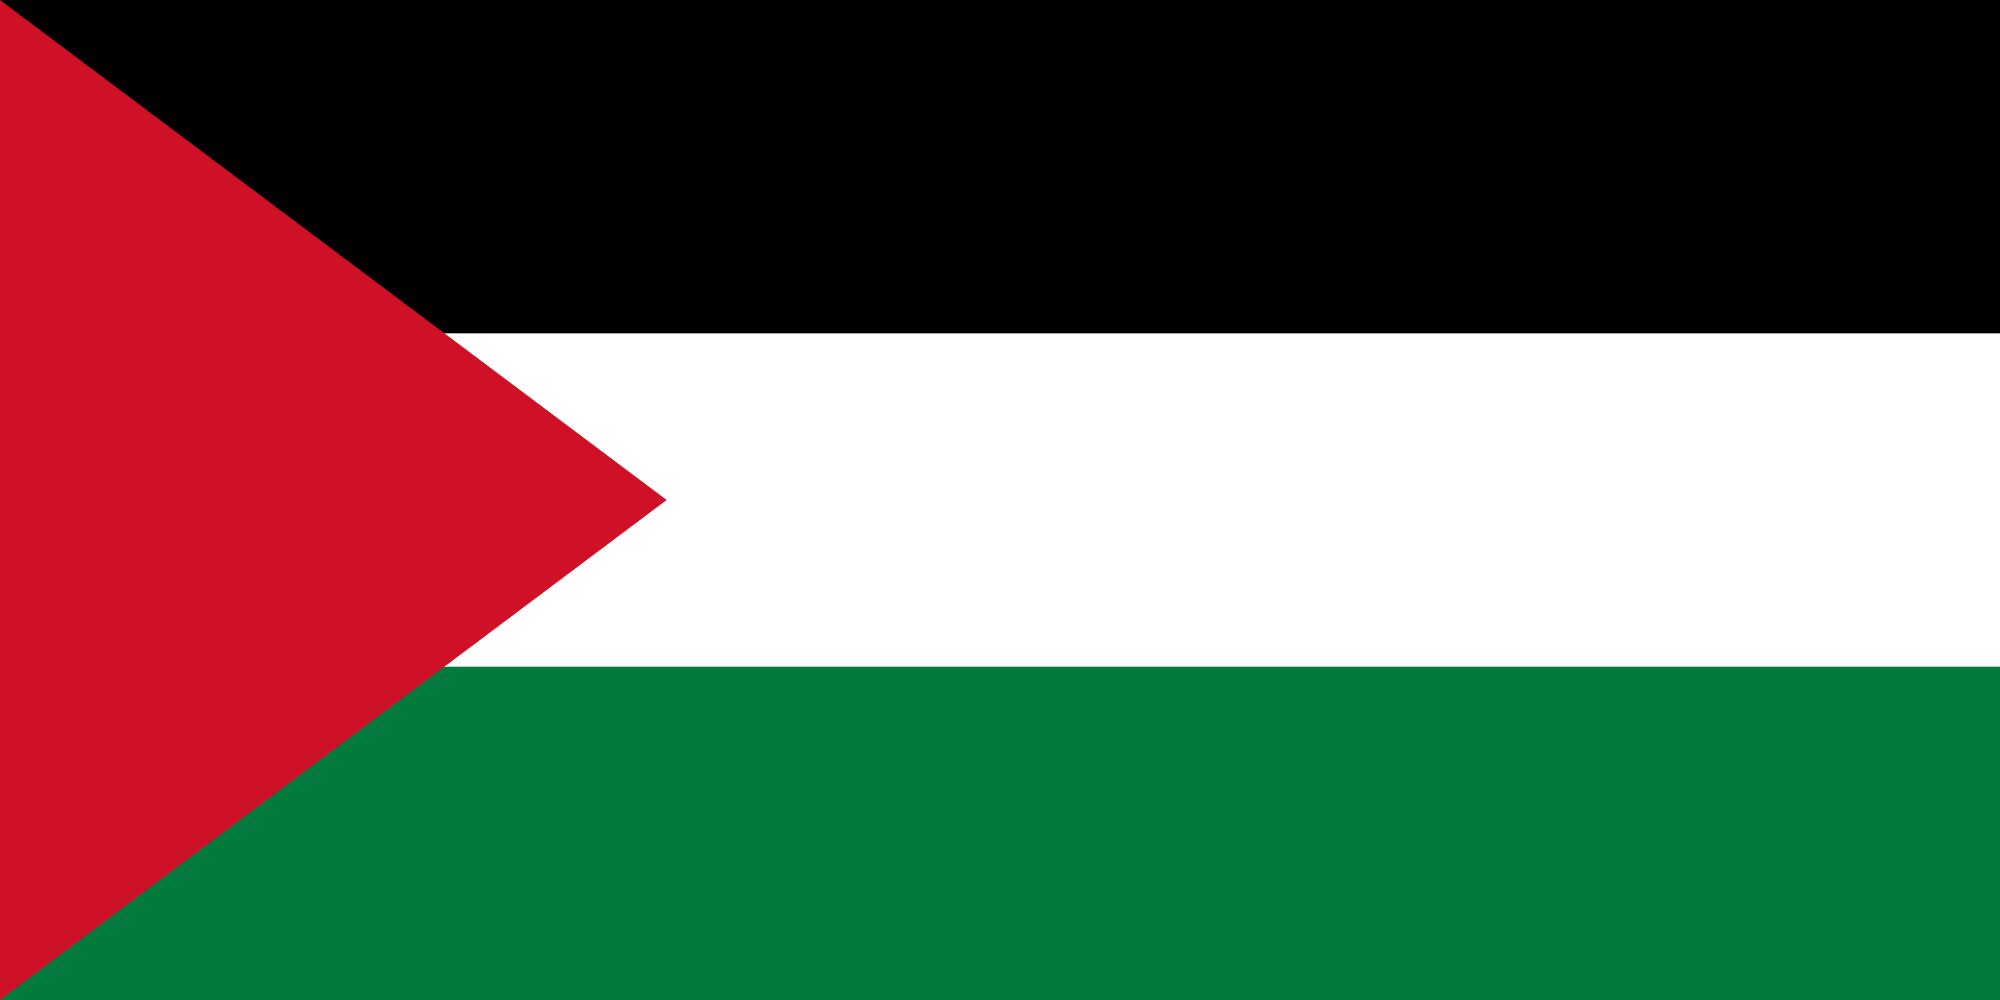 Палестинская, страна, Эмблема, логотип, символ - Обои HD - Профессор falken.com